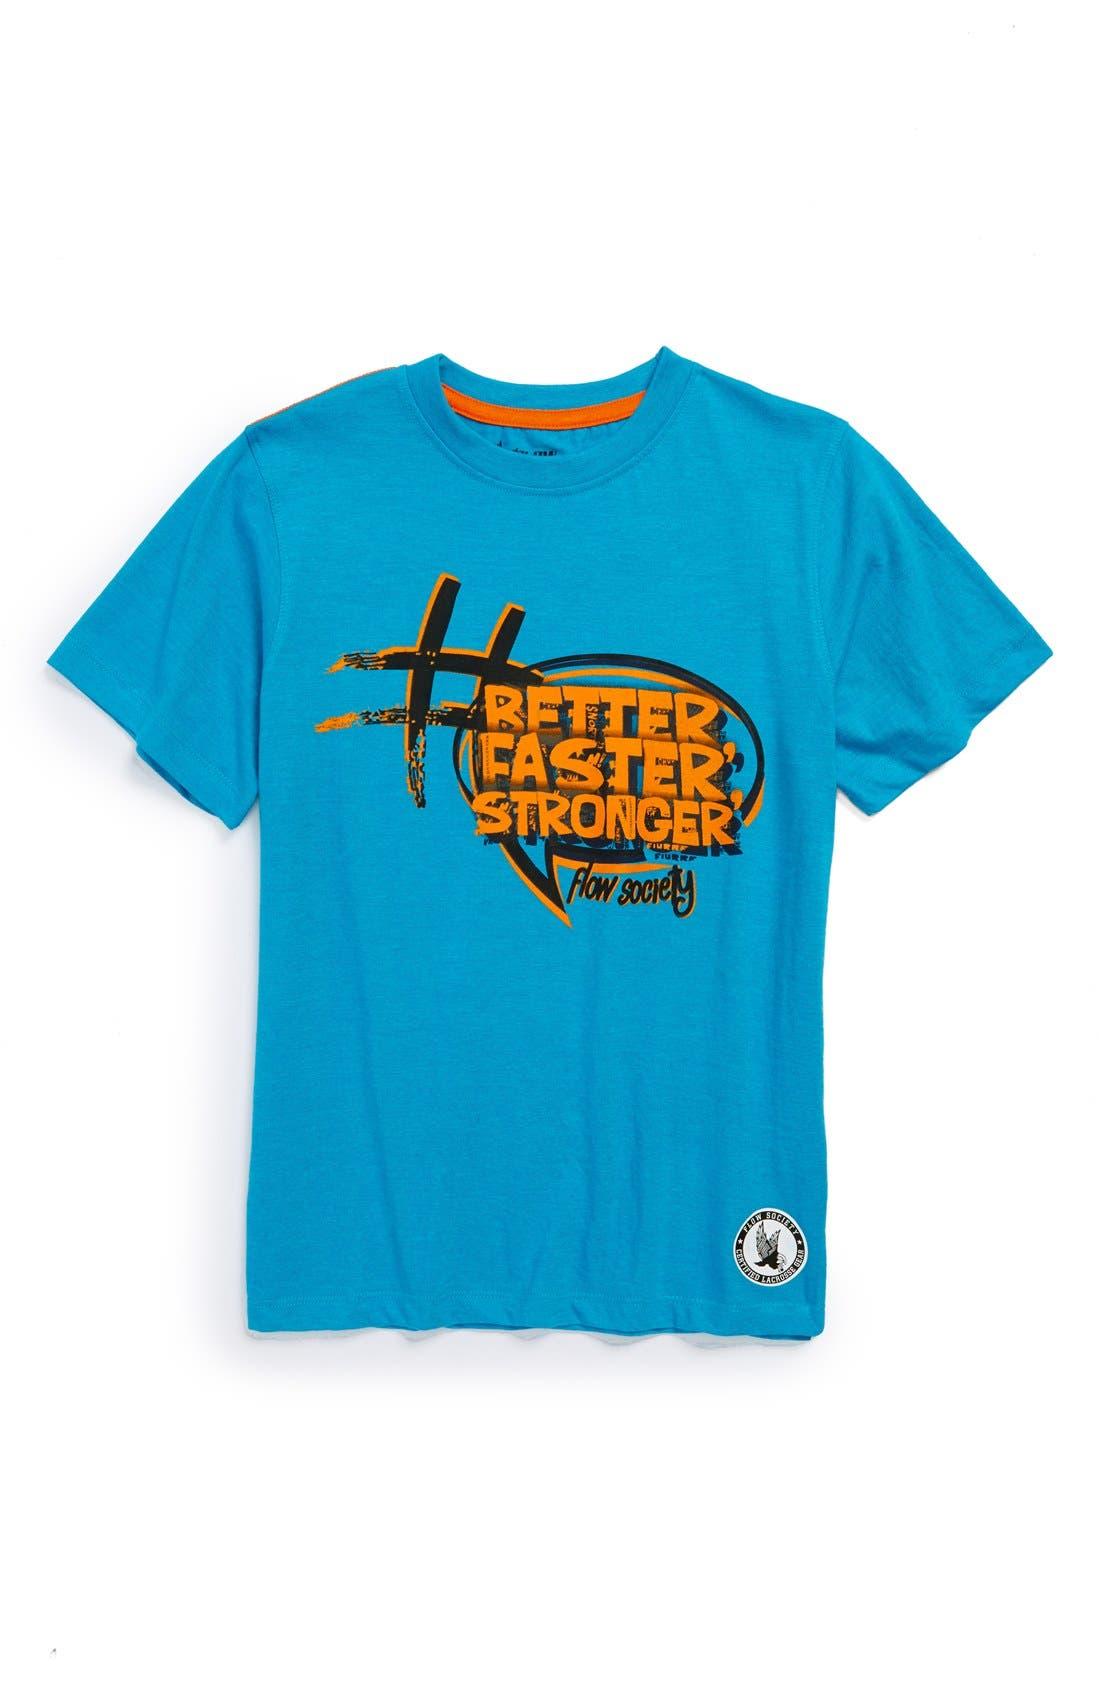 Alternate Image 1 Selected - Flow Society 'Better Faster Stronger' T-Shirt (Little Boys & Big Boys)